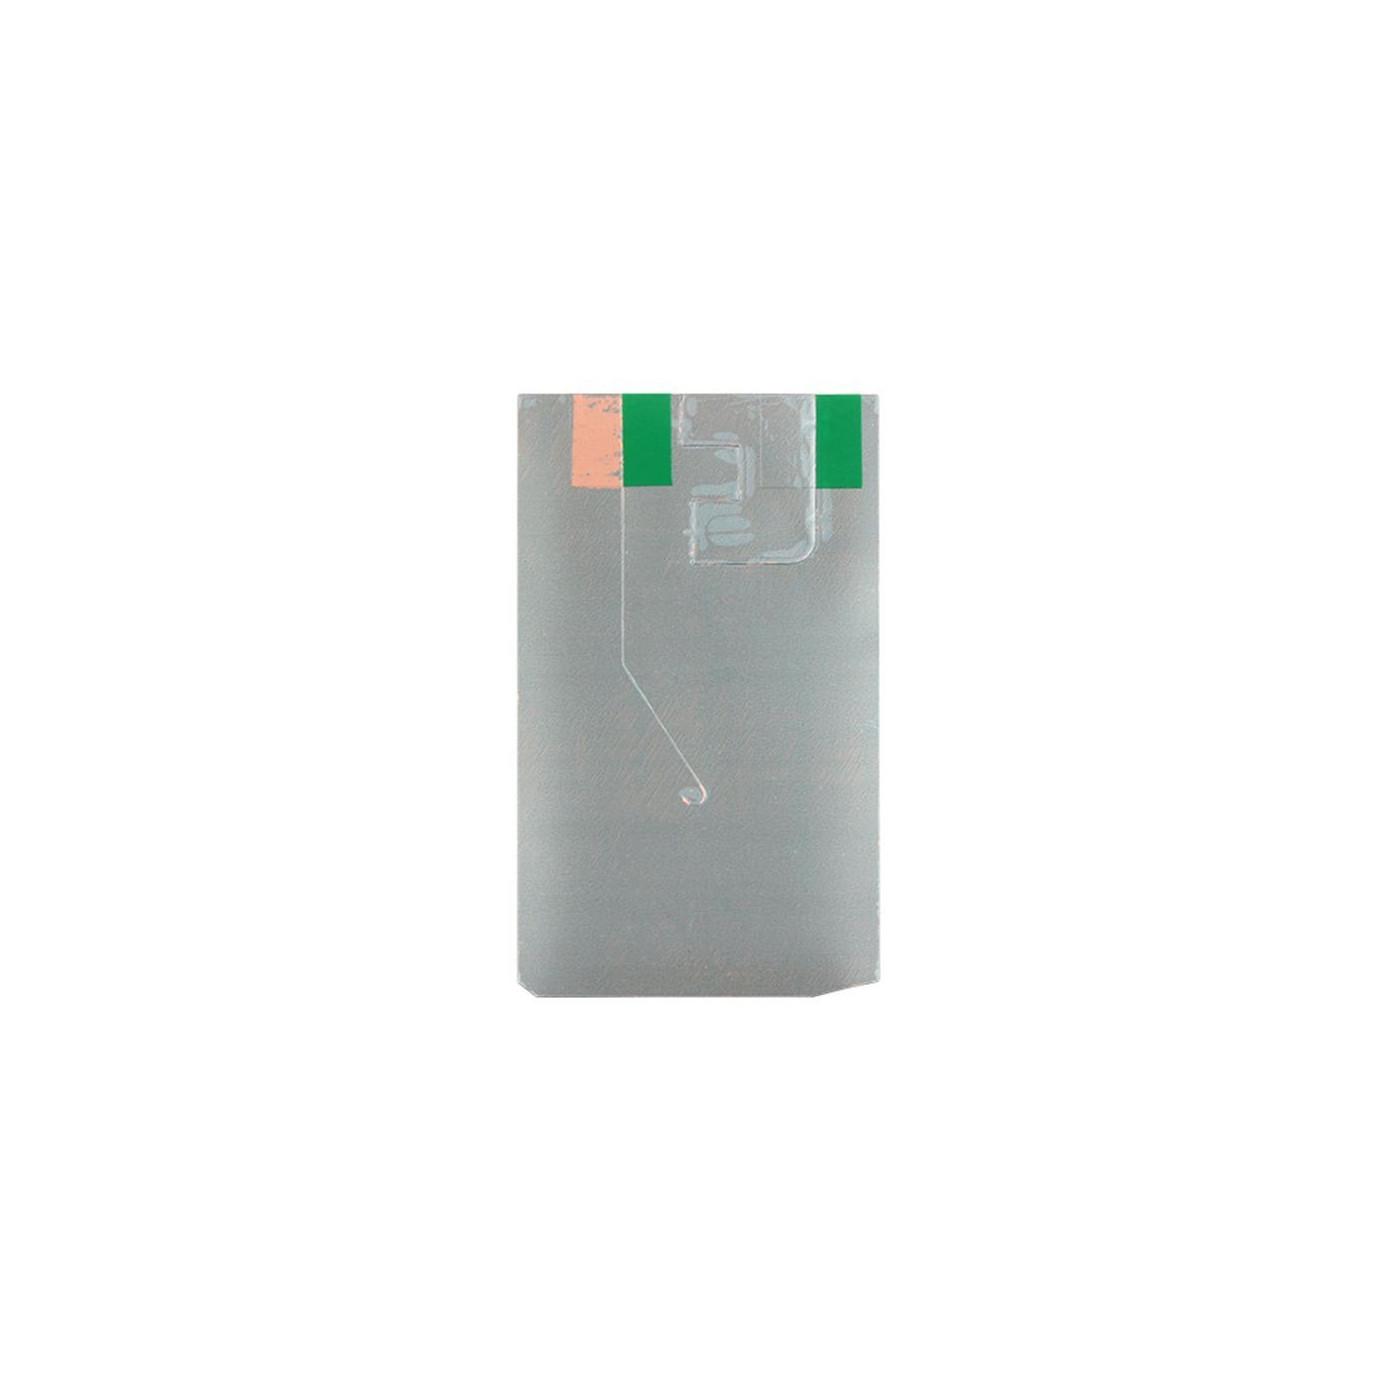 Etiqueta engomada del LCD retro Etiqueta engomada del Samsung Galaxy S5 Parte posterior del pegamento Volver